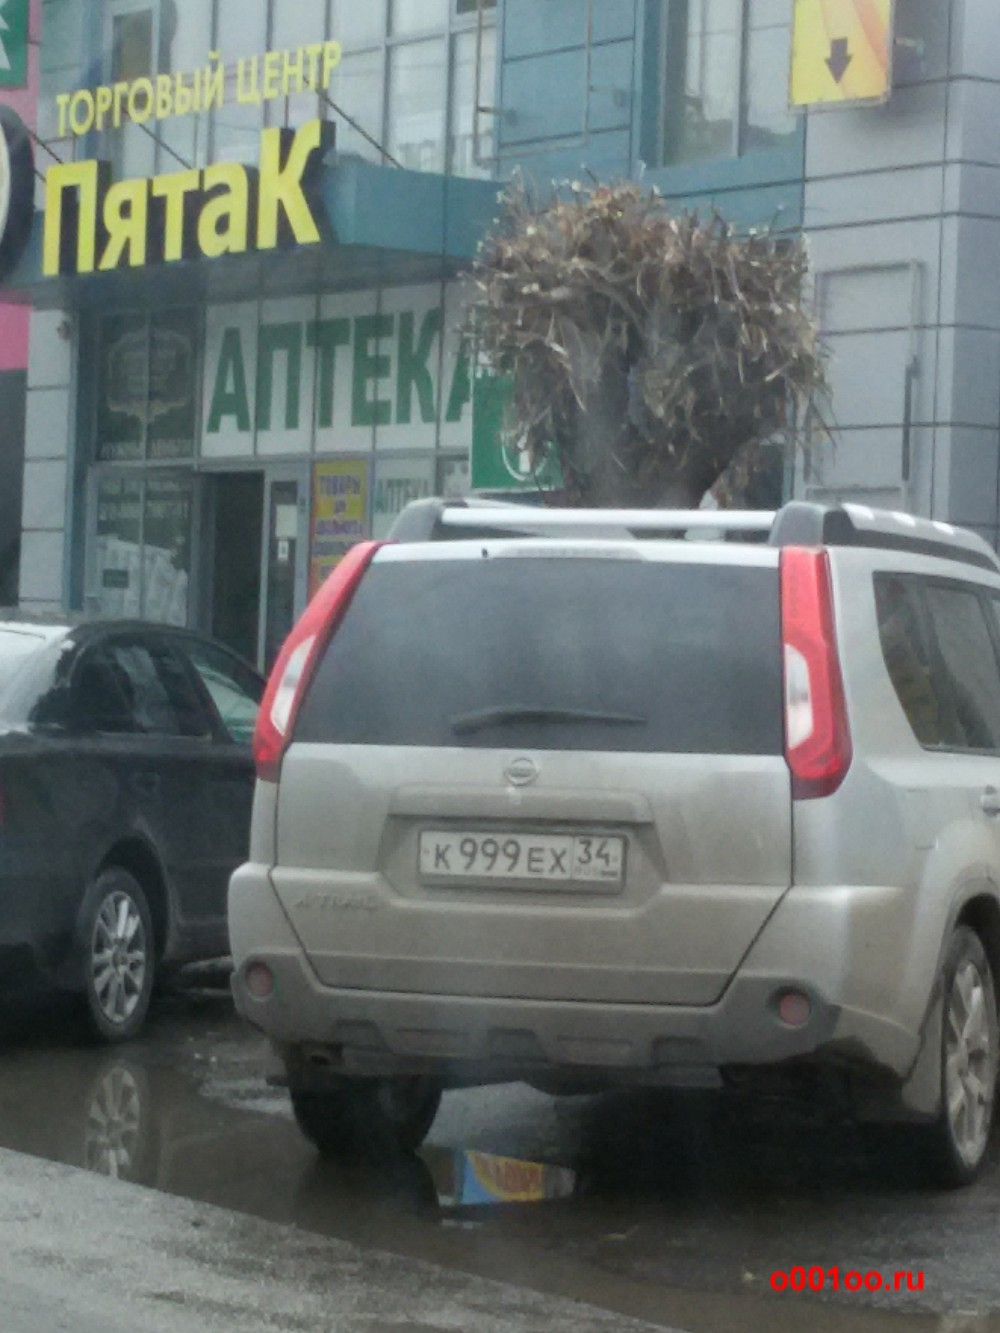 К999ех34